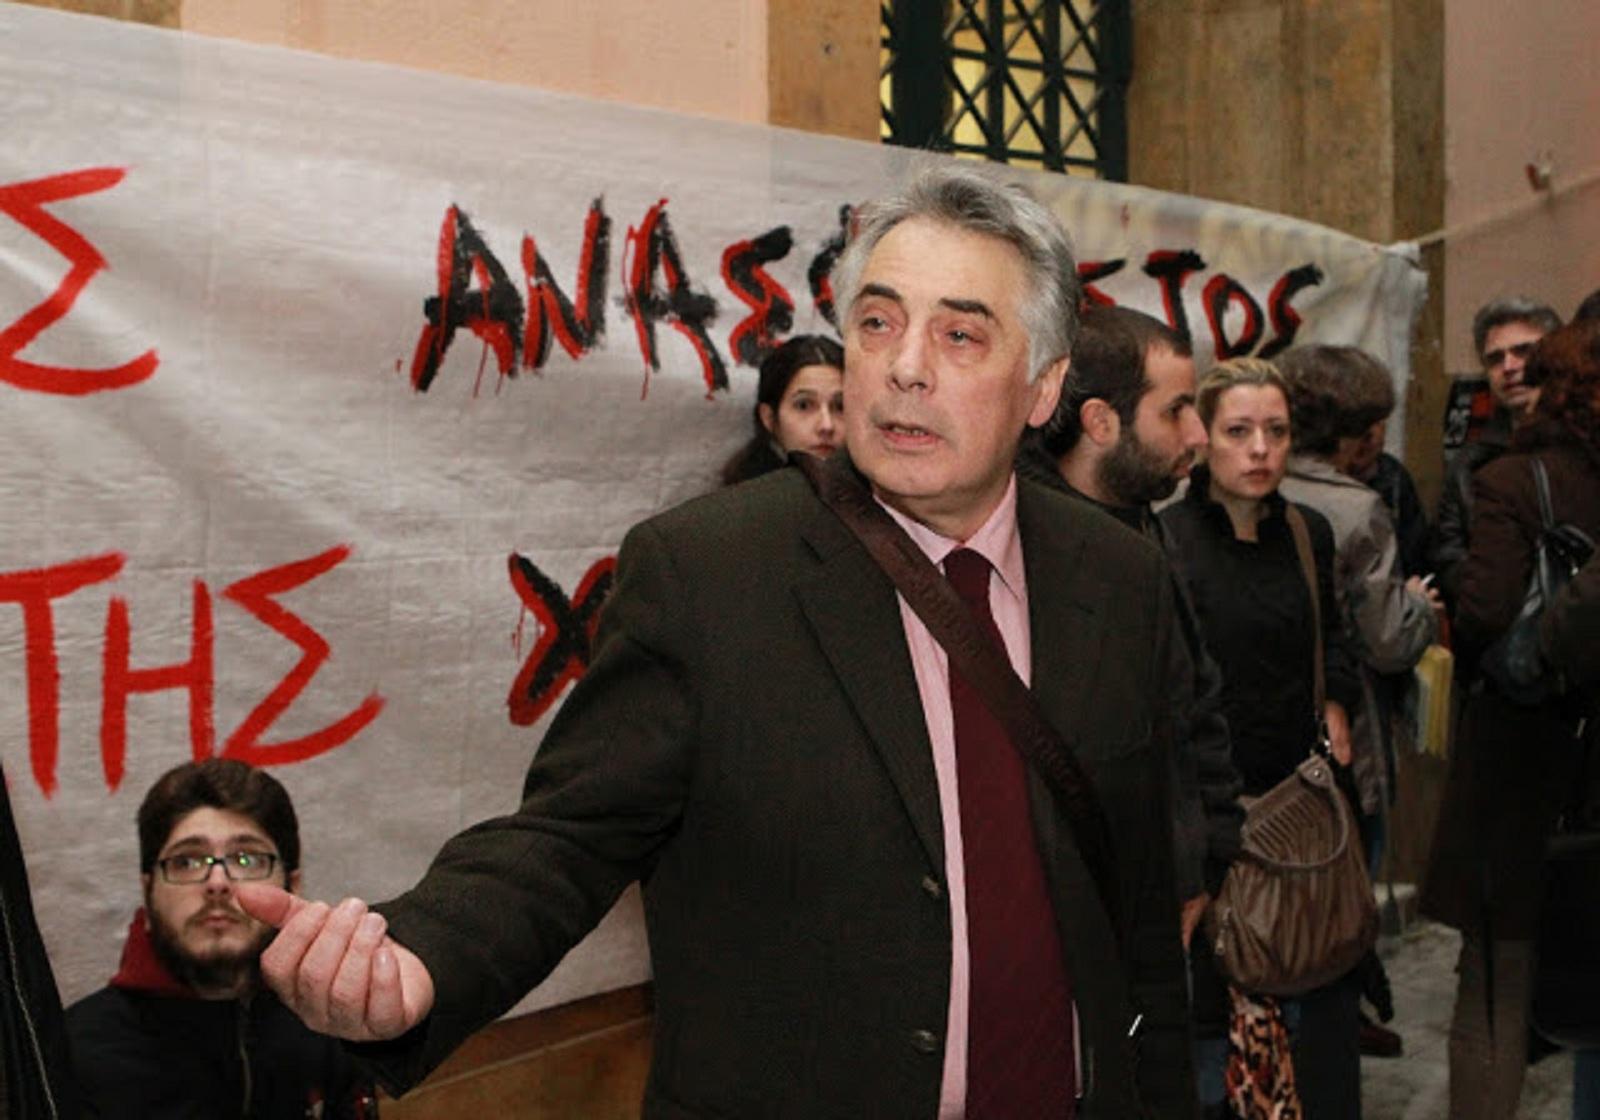 Είμαι ο Θεοδόσης Πελεγρίνης κορόιδα, ο πρύτανης του Πανεπιστημίου Αθηνών, αυτός που εγκατέστησε τους παράνομους λαθρομετανάστες μέσα στο κτίριο της Νομικής στις αρχές τού 2011. Με θυμάστε;